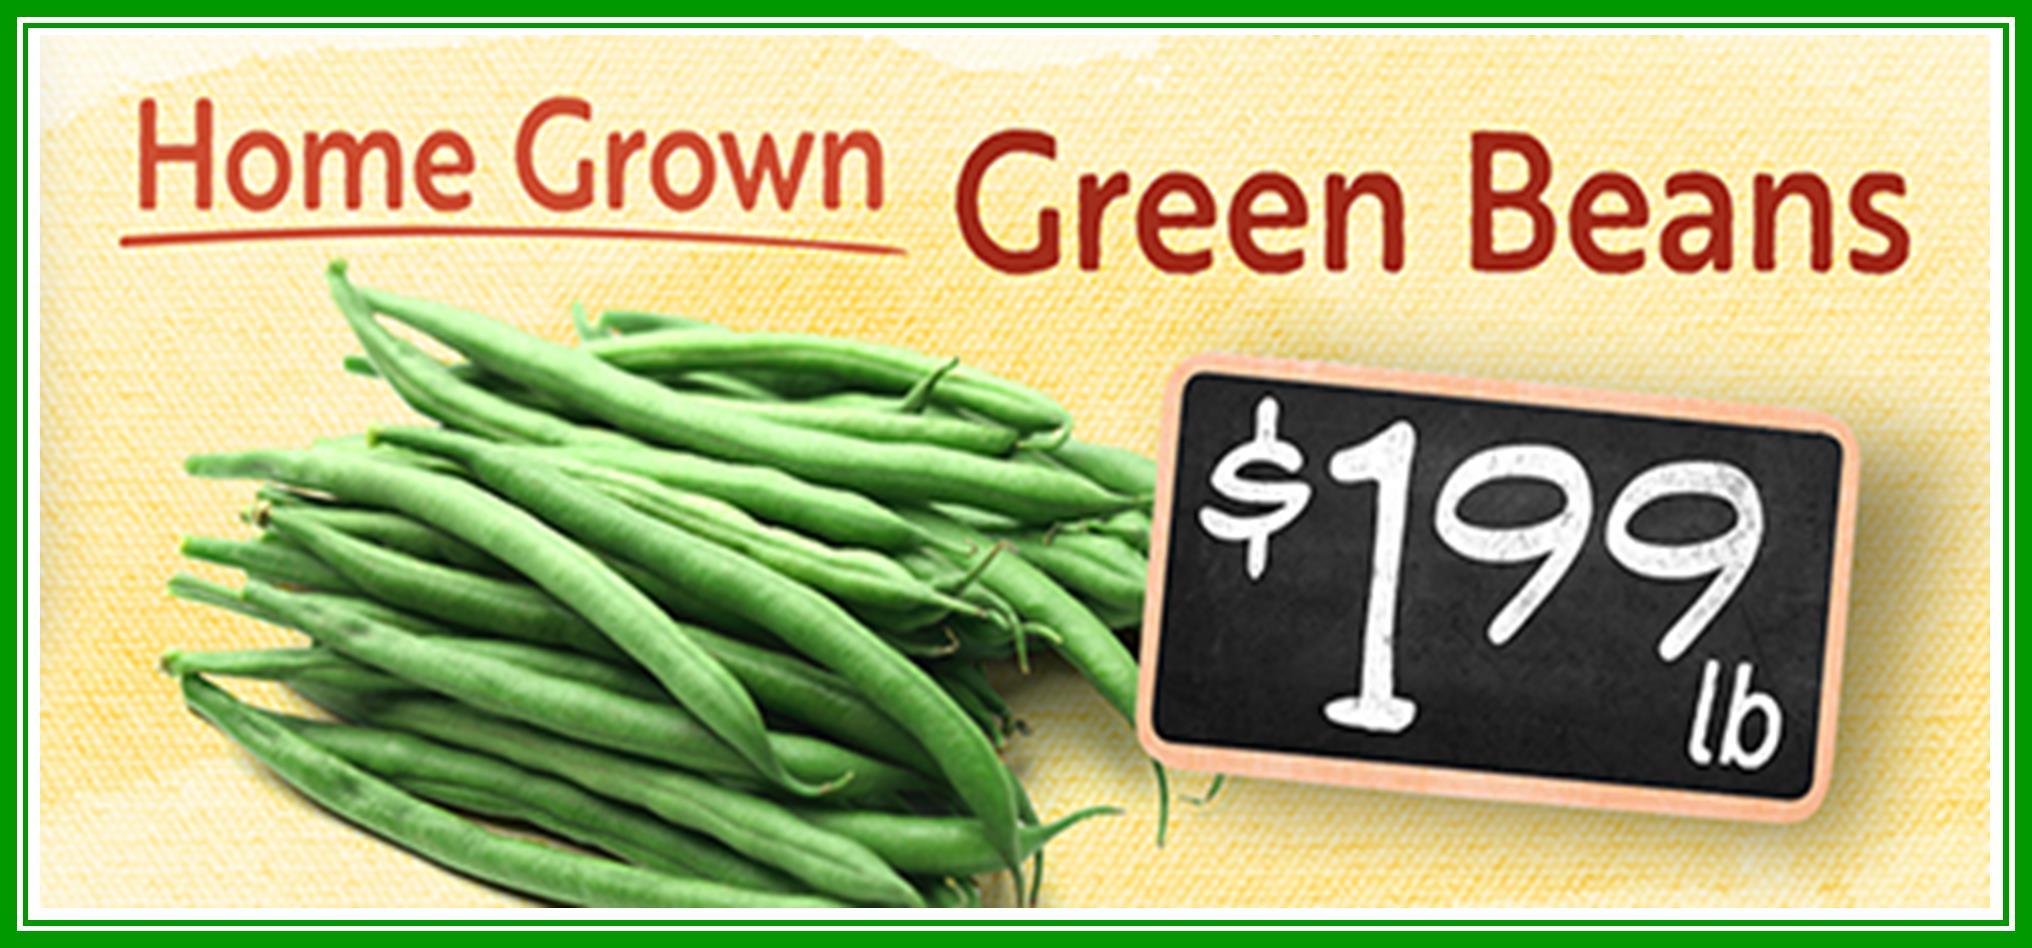 Green Beans HG 199.jpg